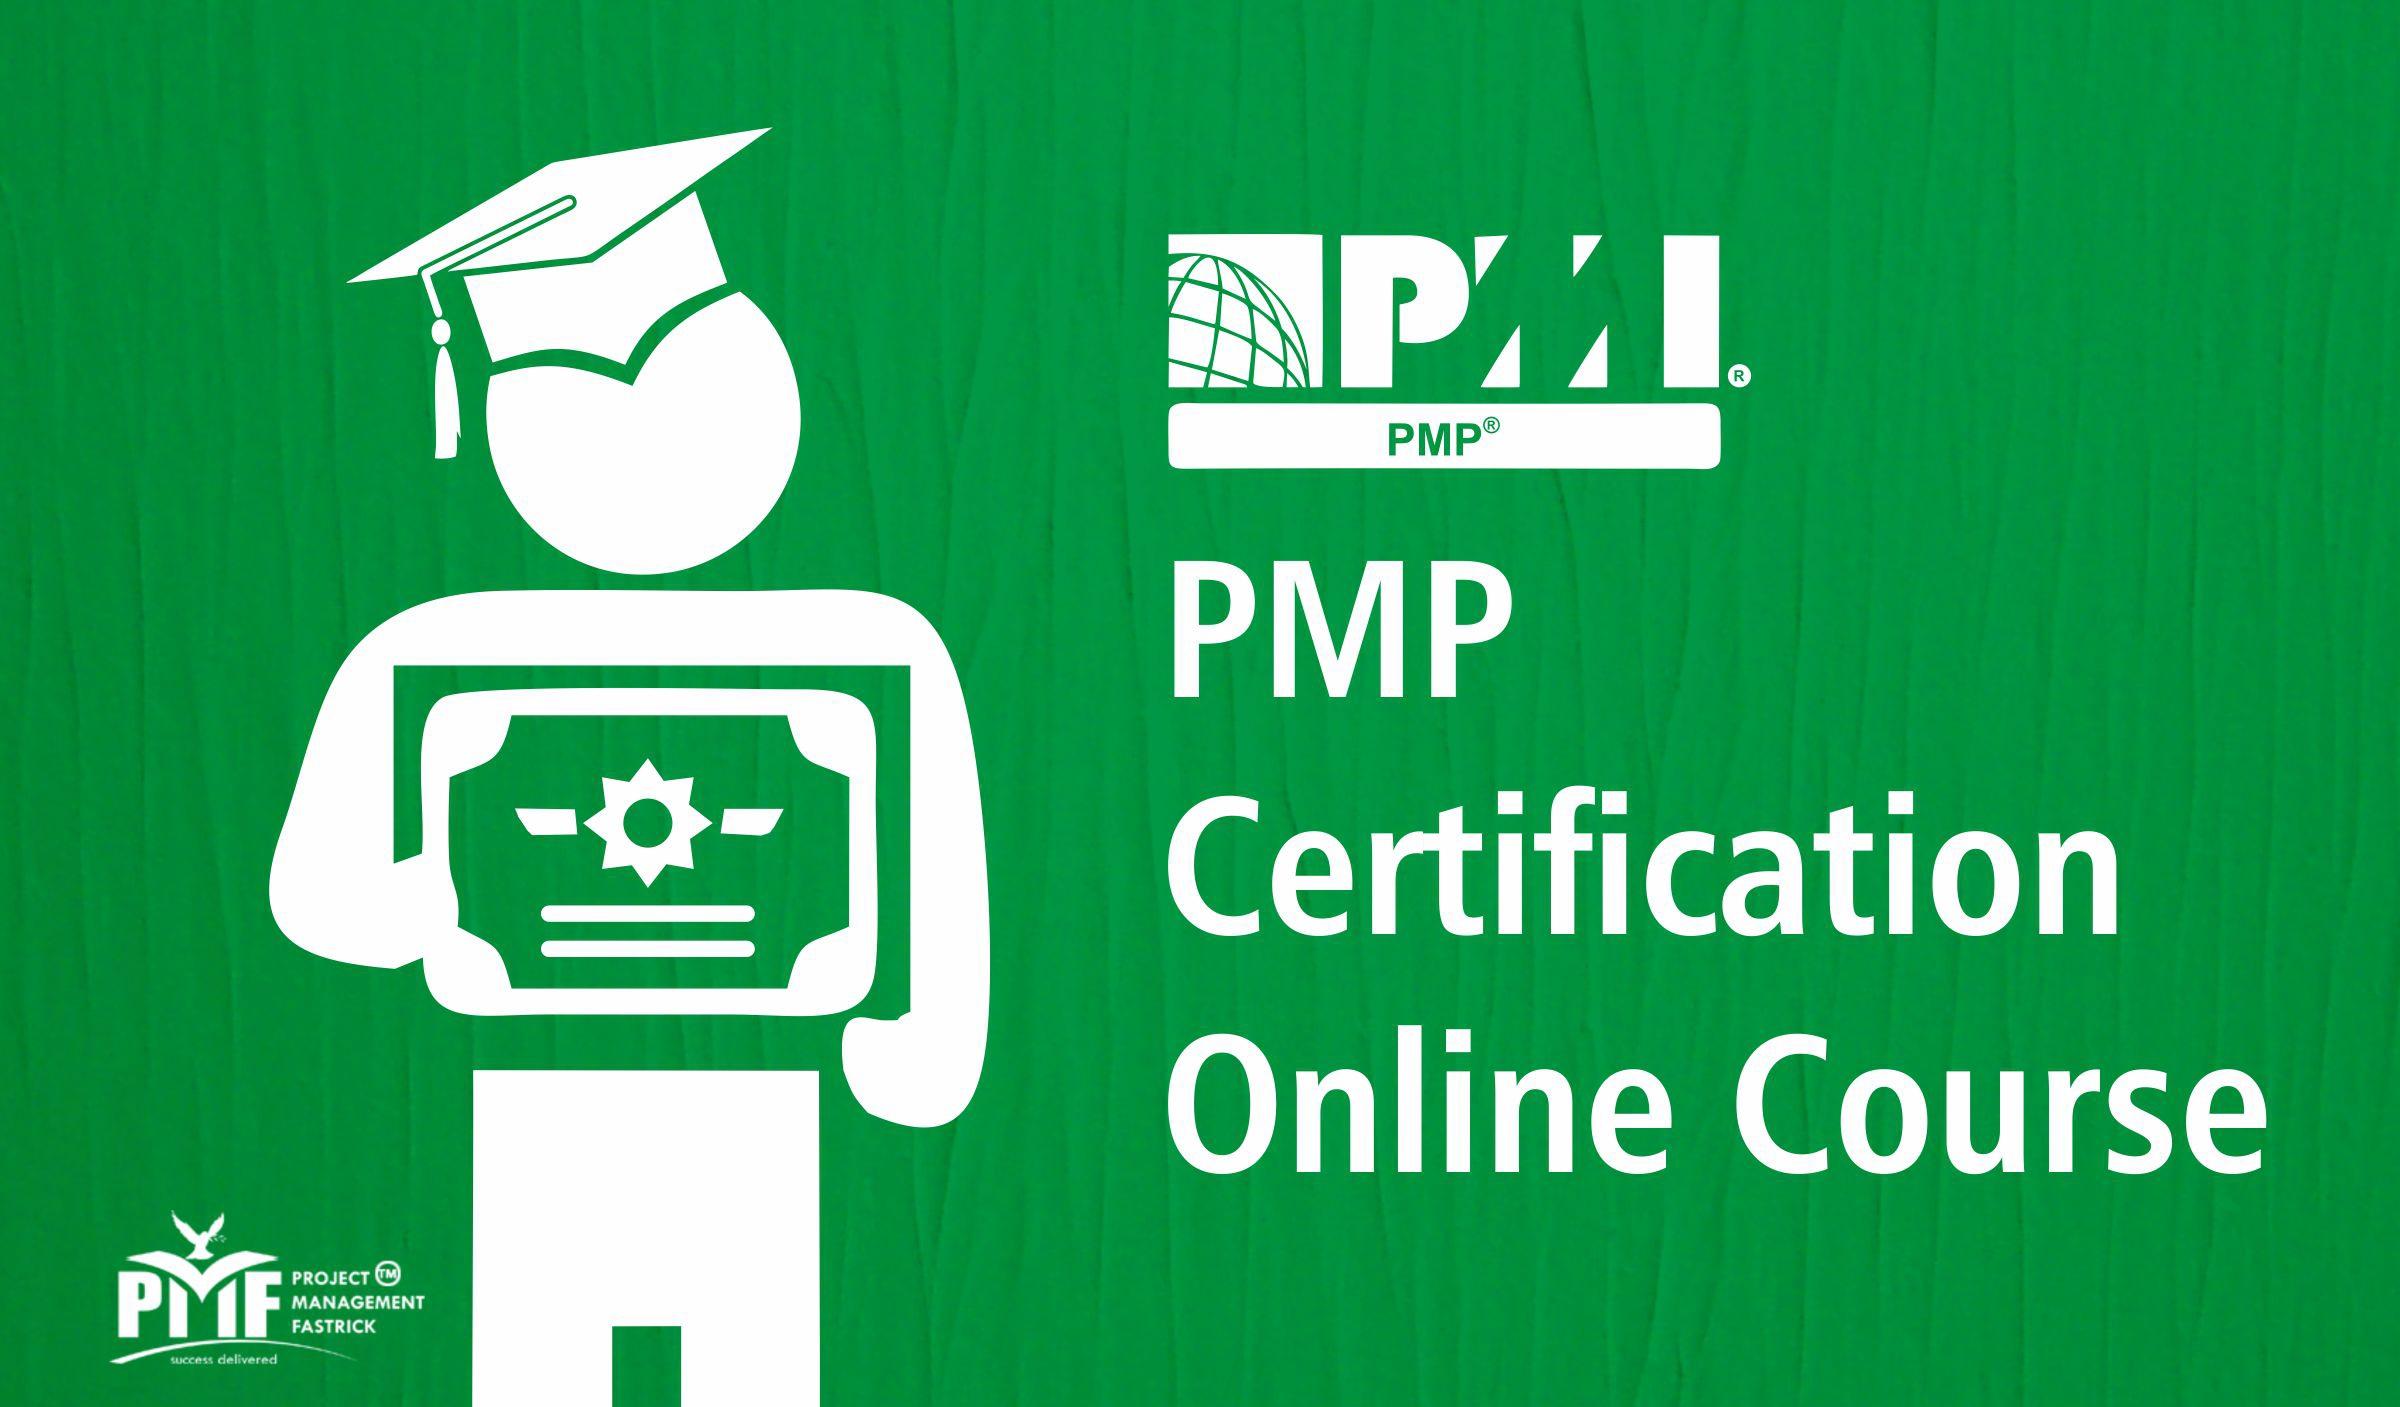 Pmp Certification Course Pmf Edu Project Management School